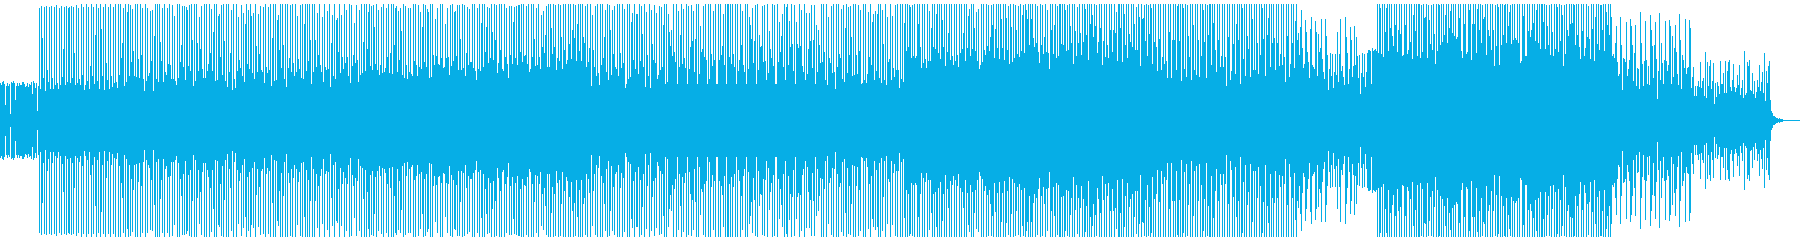 ループミュージック!オーガニックハウスの再生済みの波形